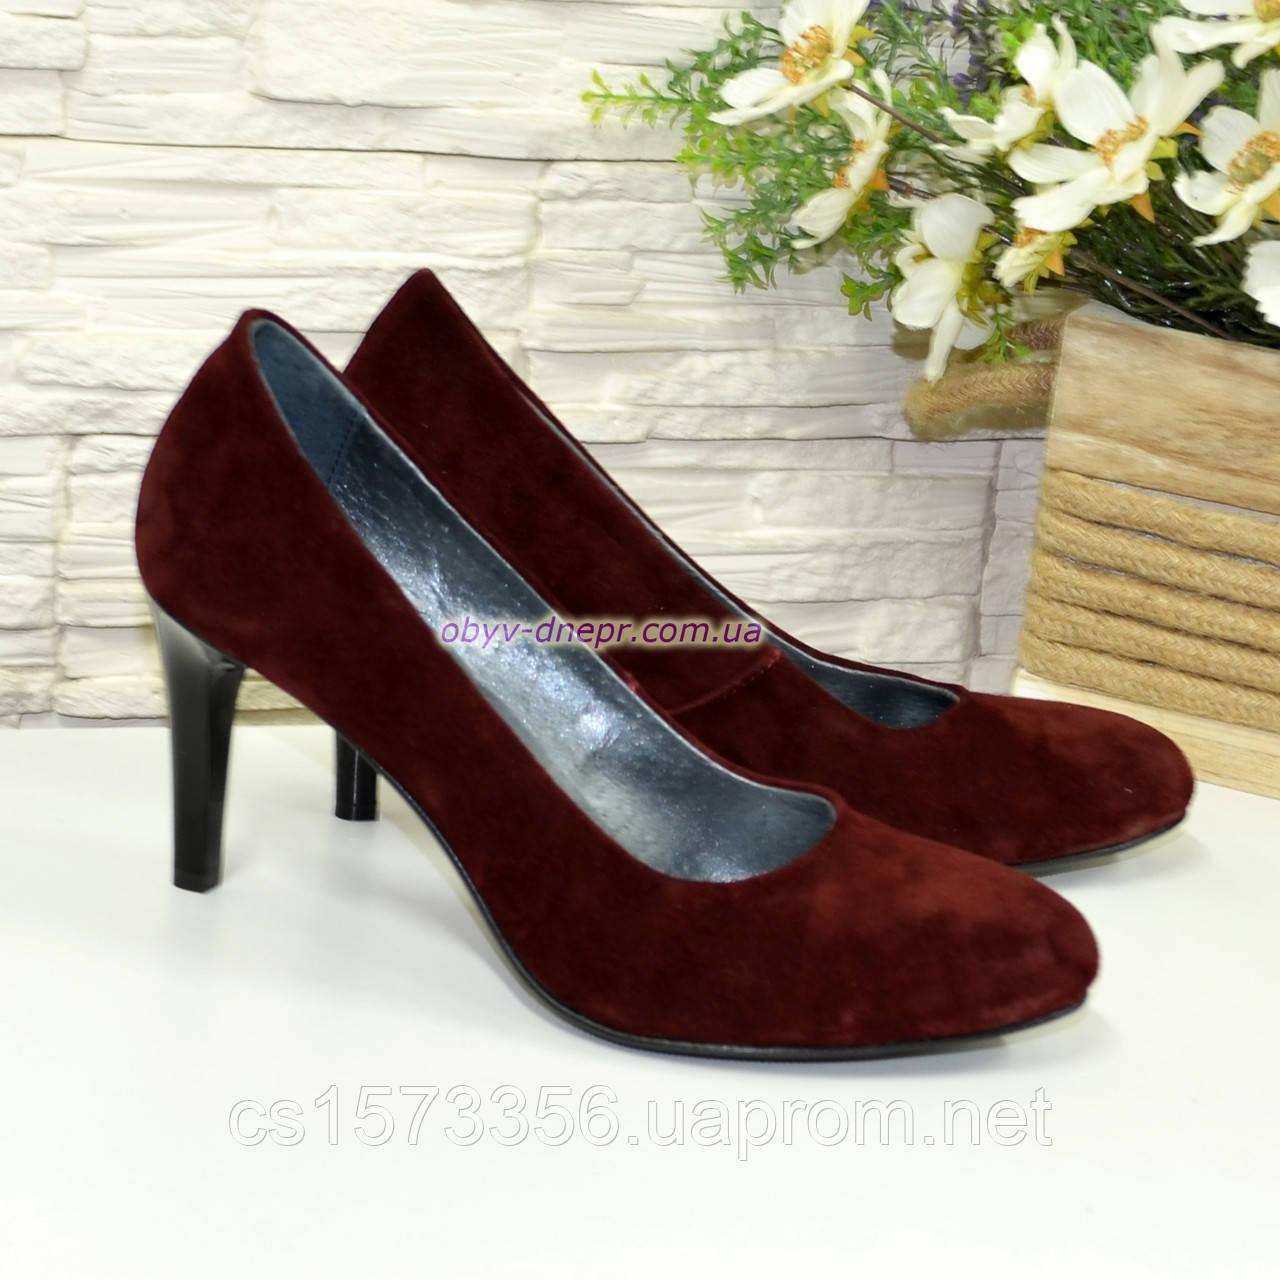 Туфлі жіночі класичні замшеві бордові на шпильці! 40 розмір